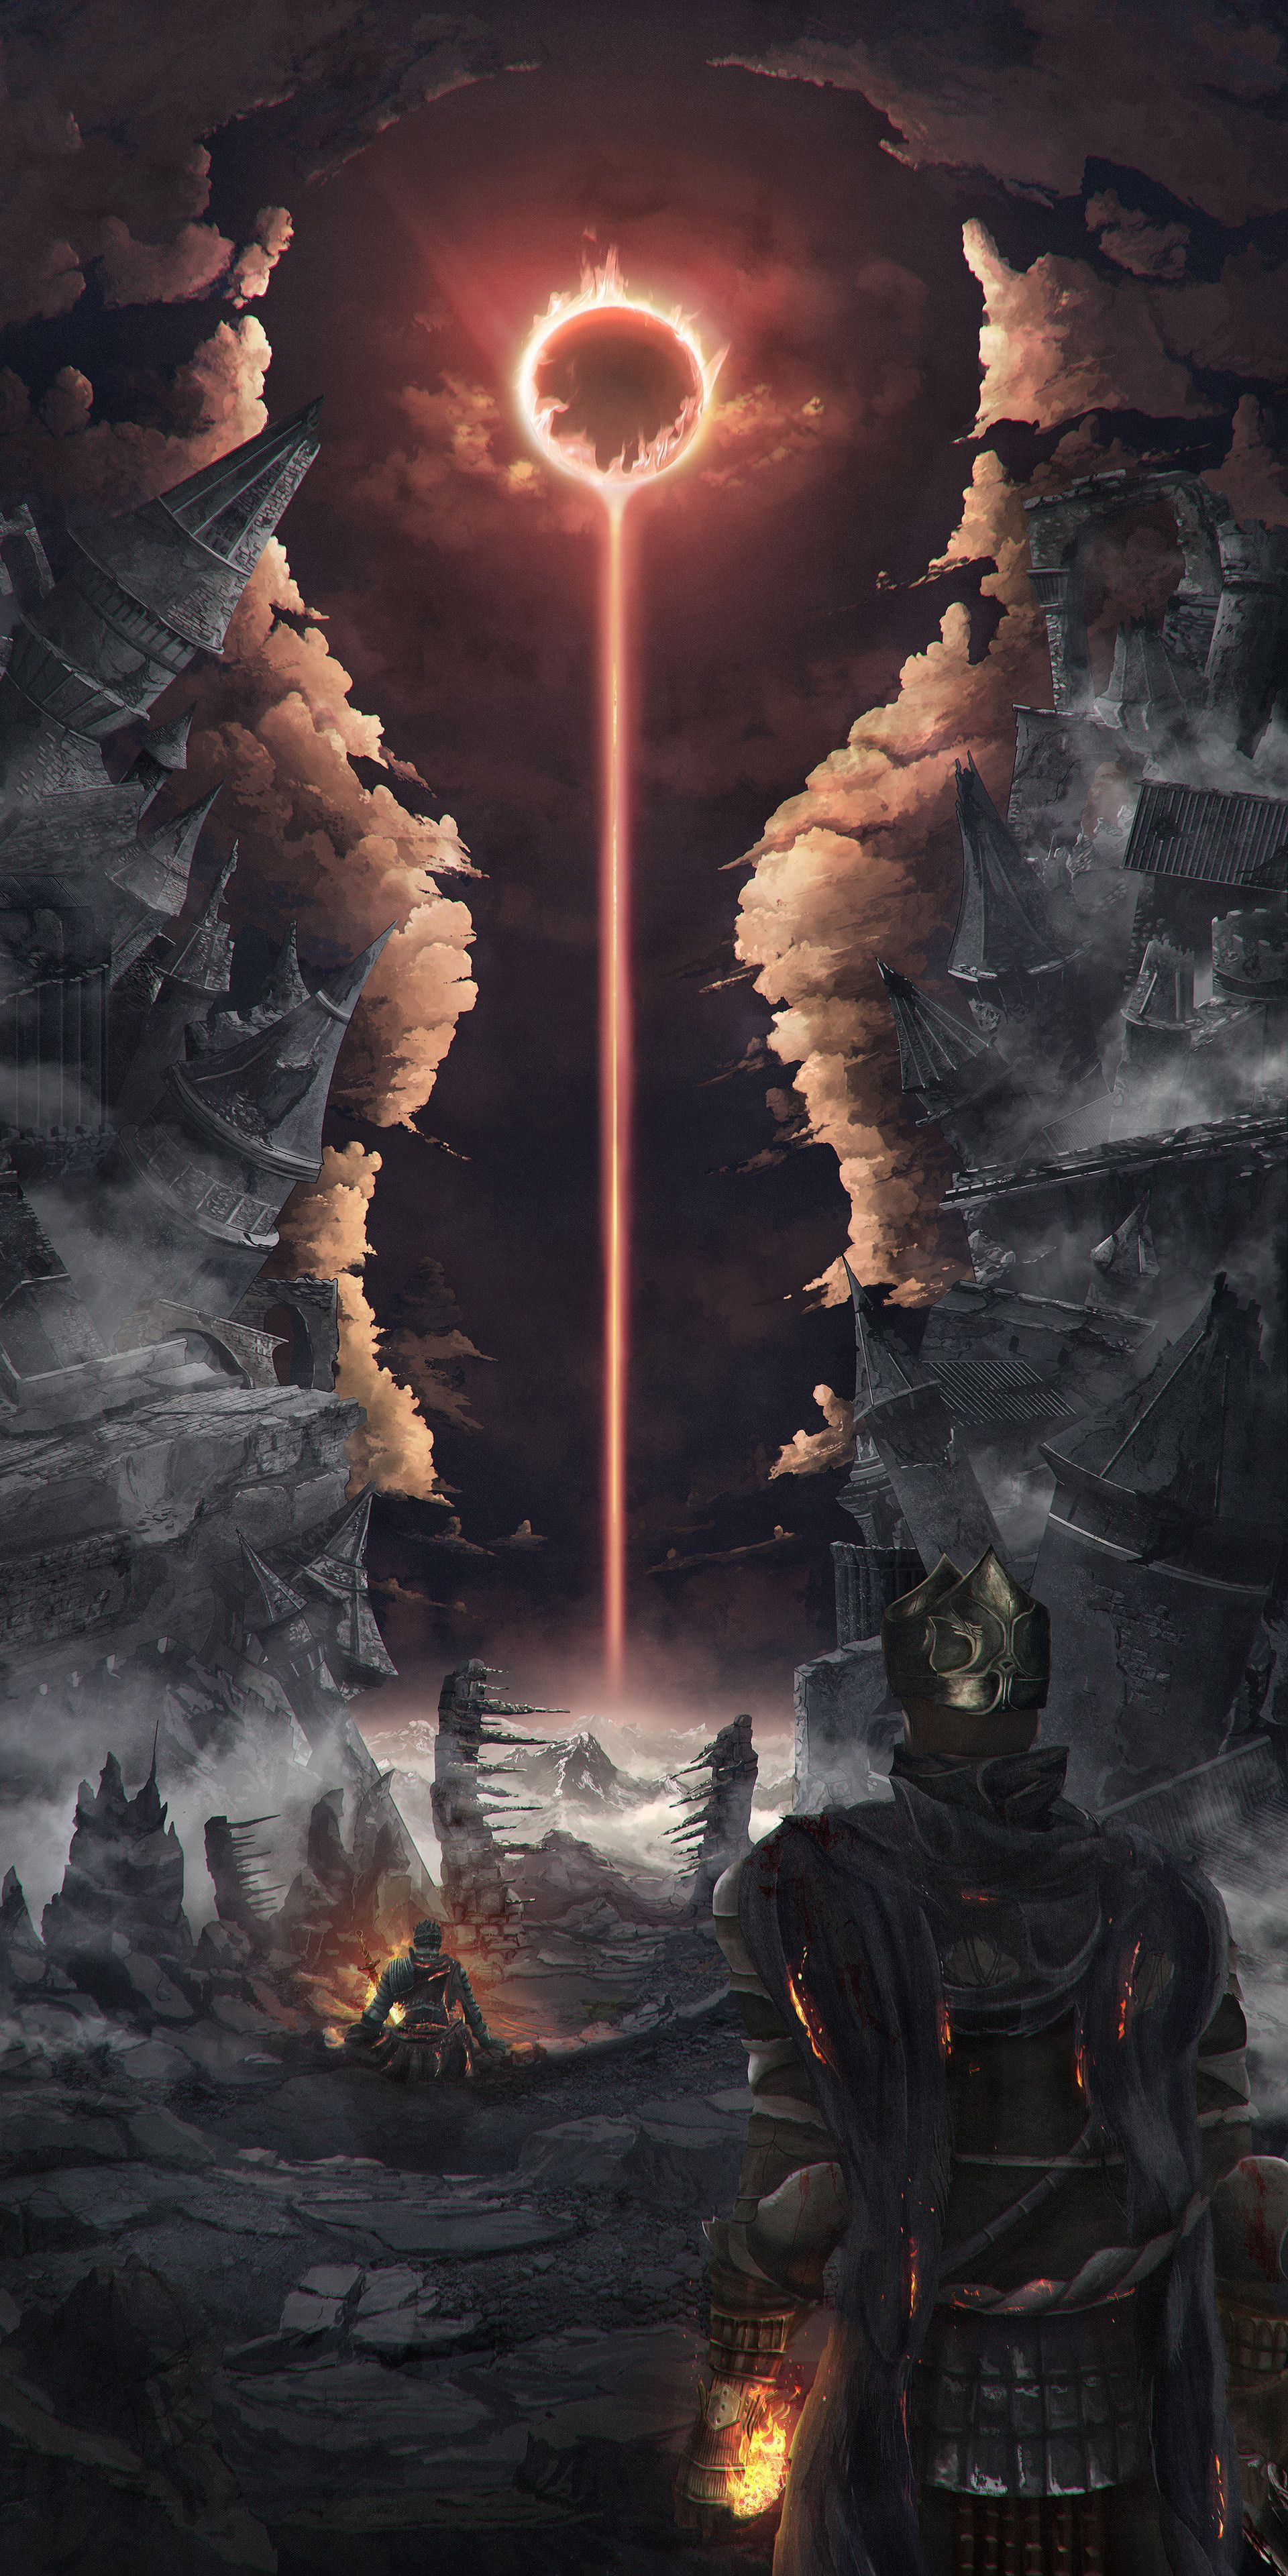 Seeker Of Fire Saverio Solari Artstation Seeker Of Fire